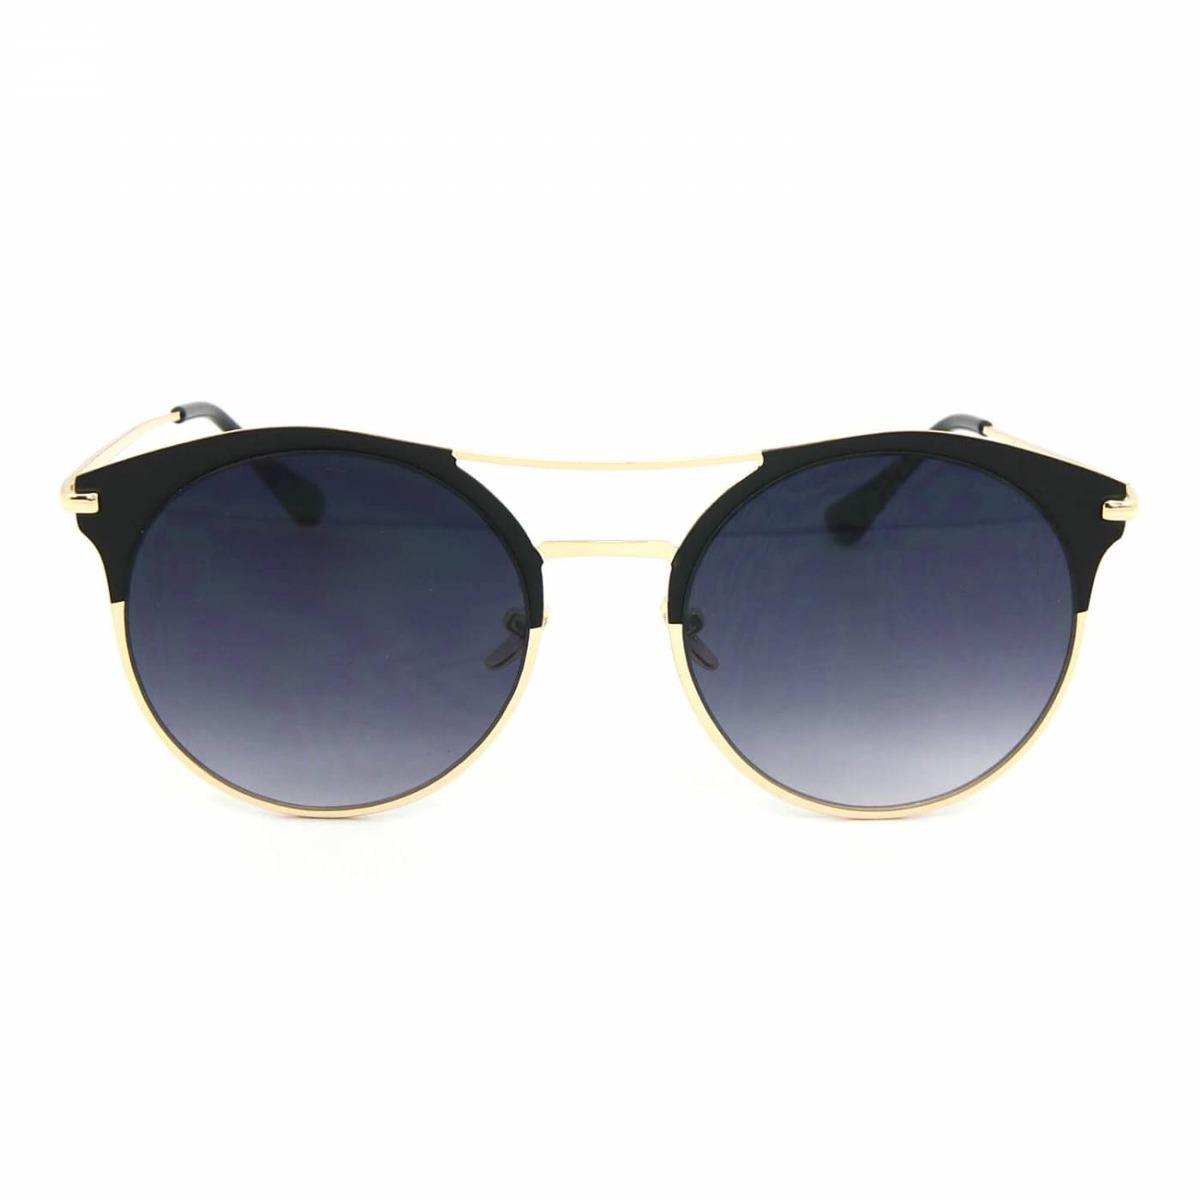 9ffe9cfb38674 óculos de sol estilo top bar com lente redonda preta. Carregando zoom.